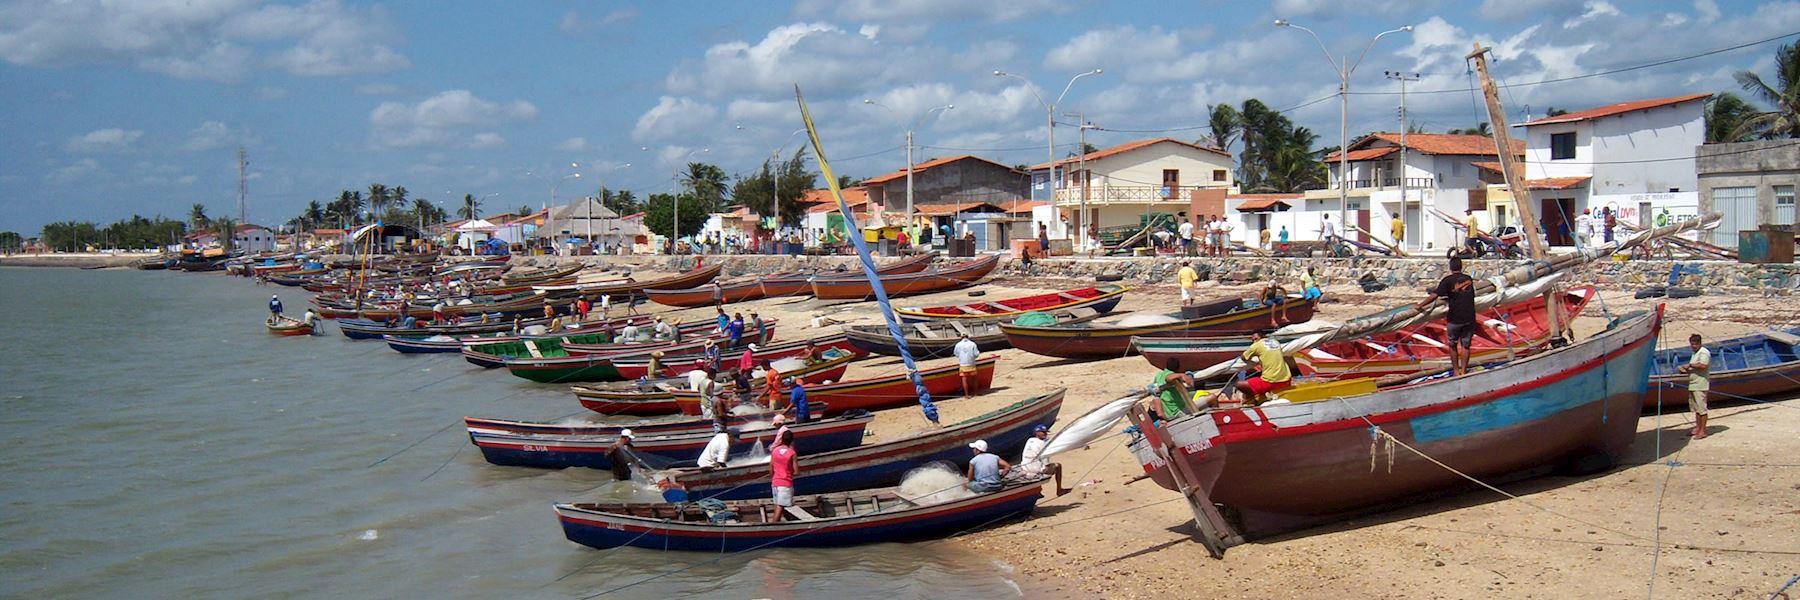 Visit Jericoacoara, Brazil